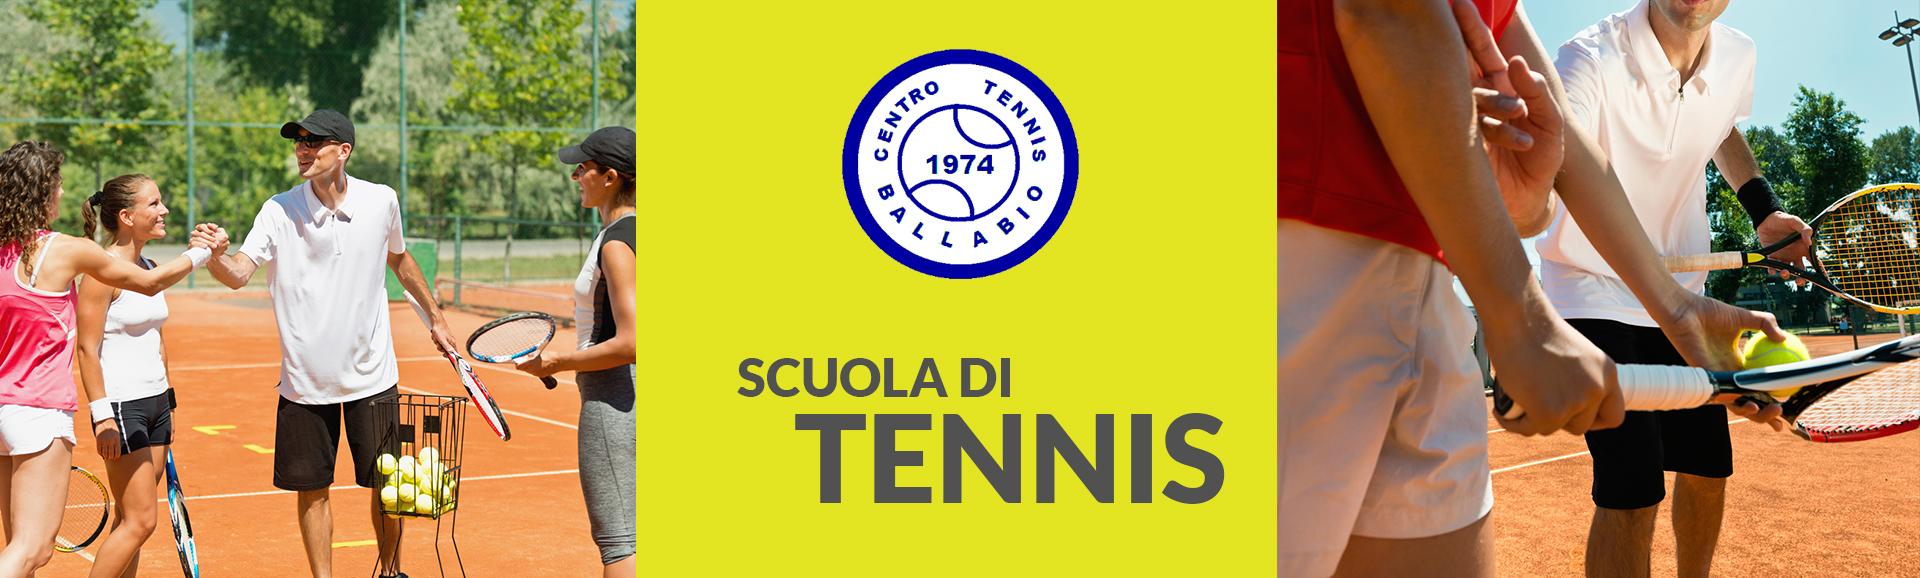 Scuola-di-tennis-lecco